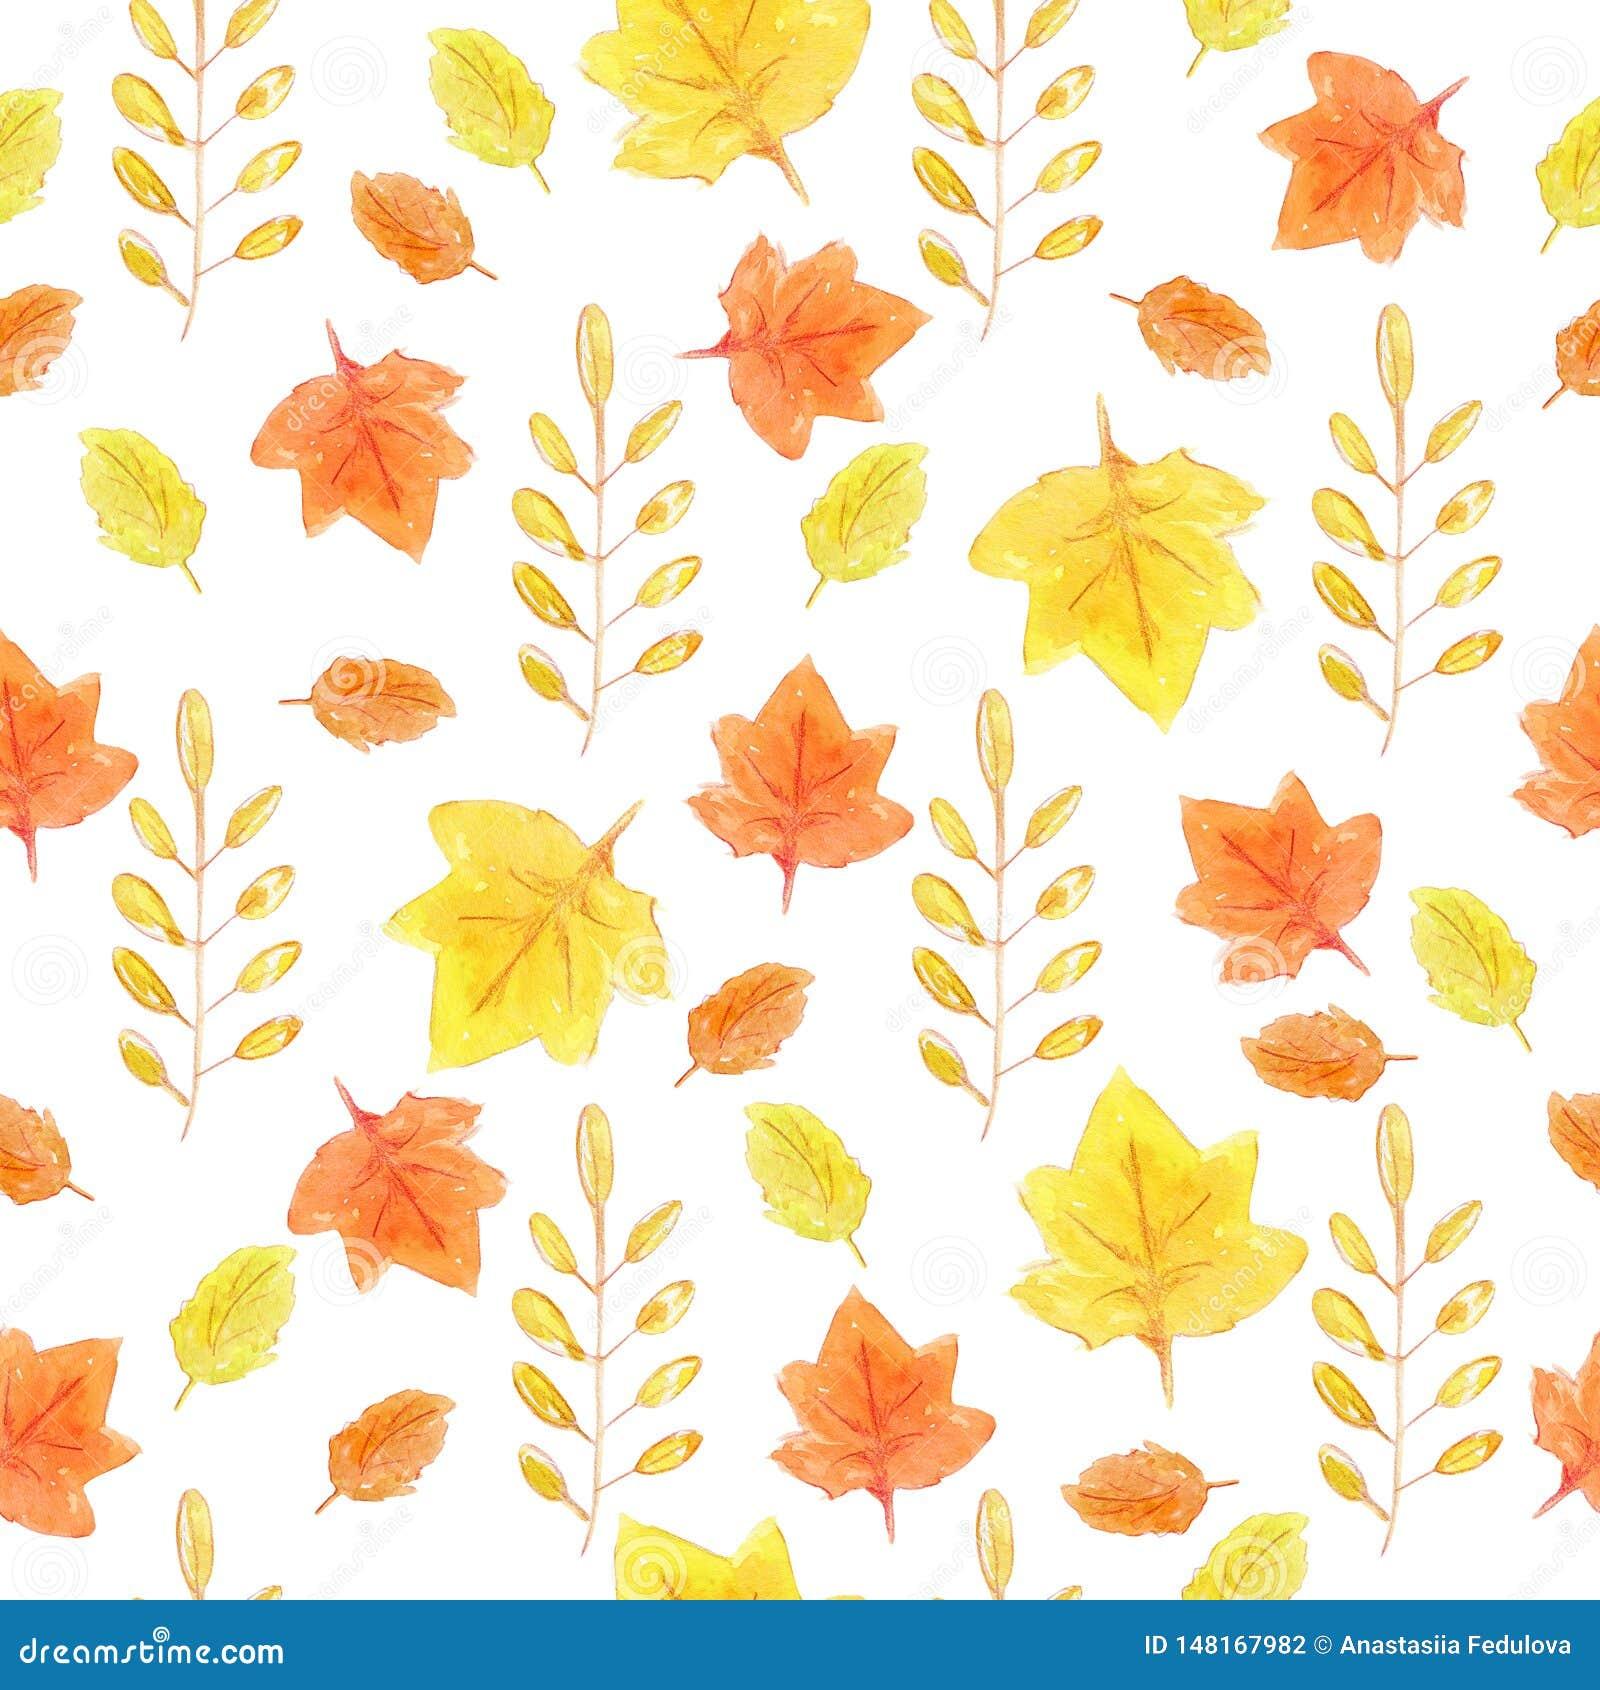 Συρμένο χέρι άνευ ραφής σχέδιο Watercolor με τα κίτρινα και πορτοκαλιά φύλλα φθινοπώρου